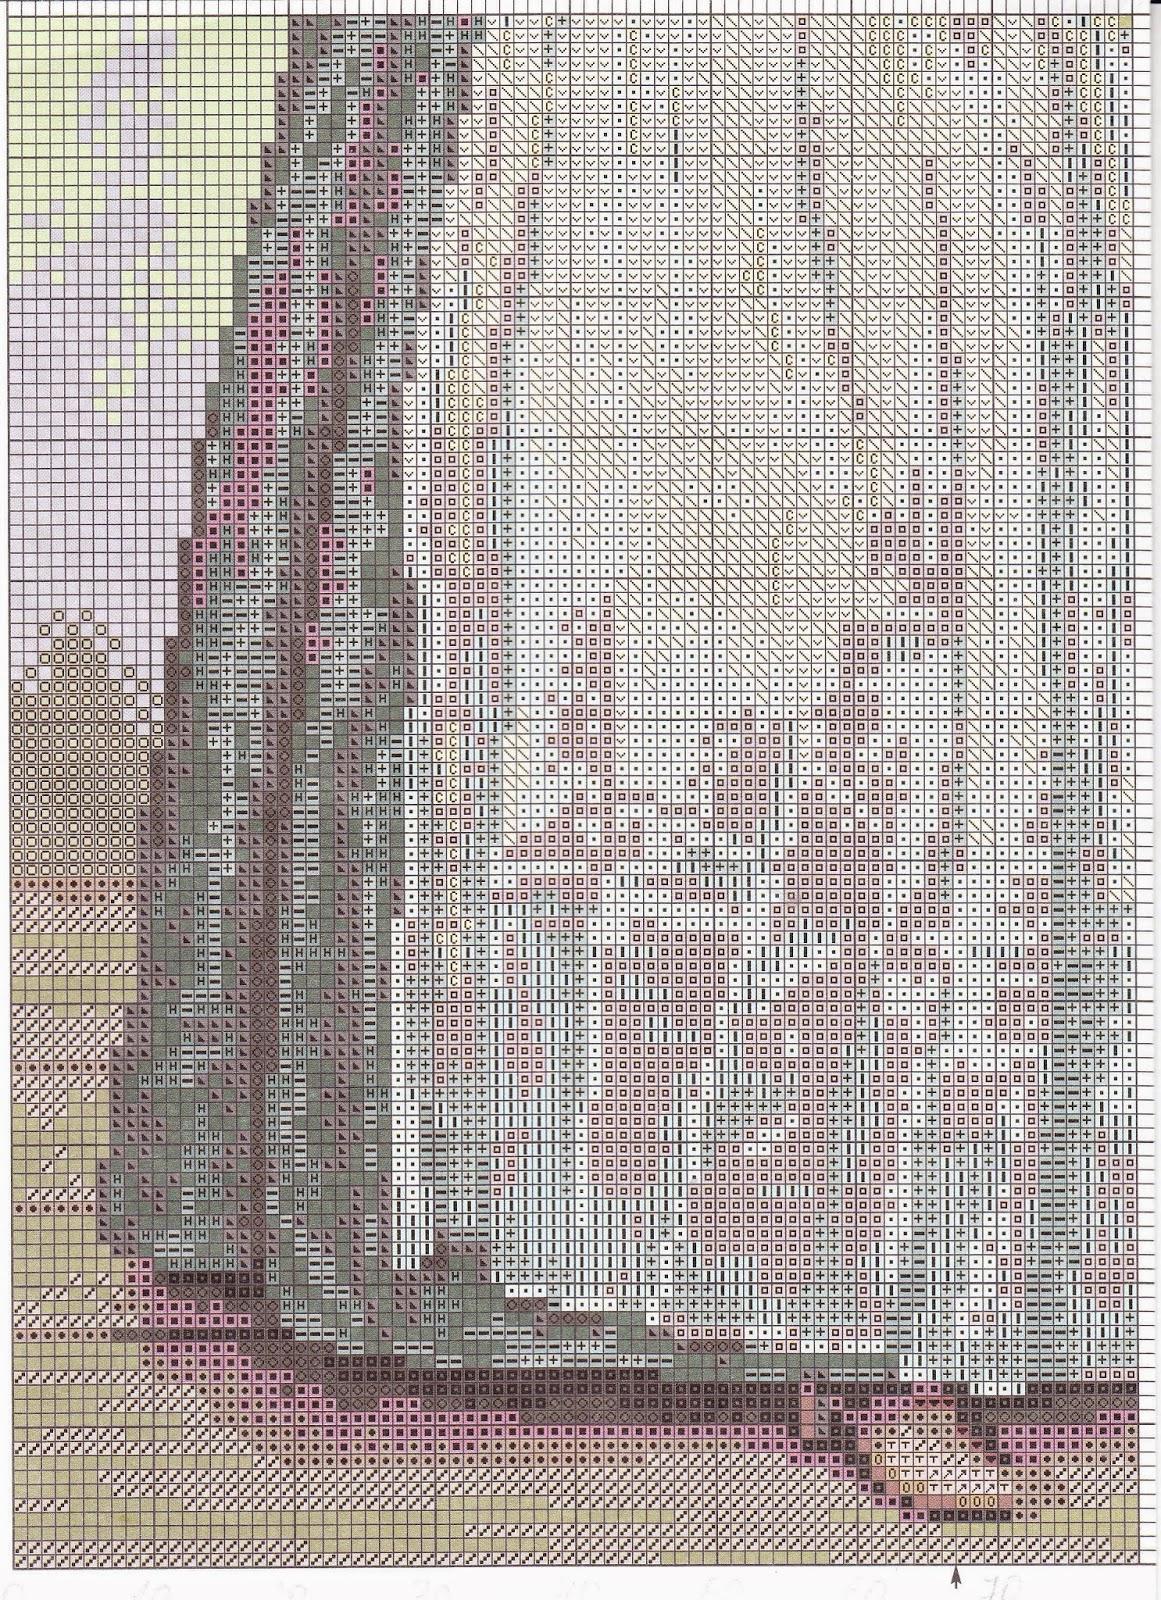 Шоколадница лиотар схема вышивки 931